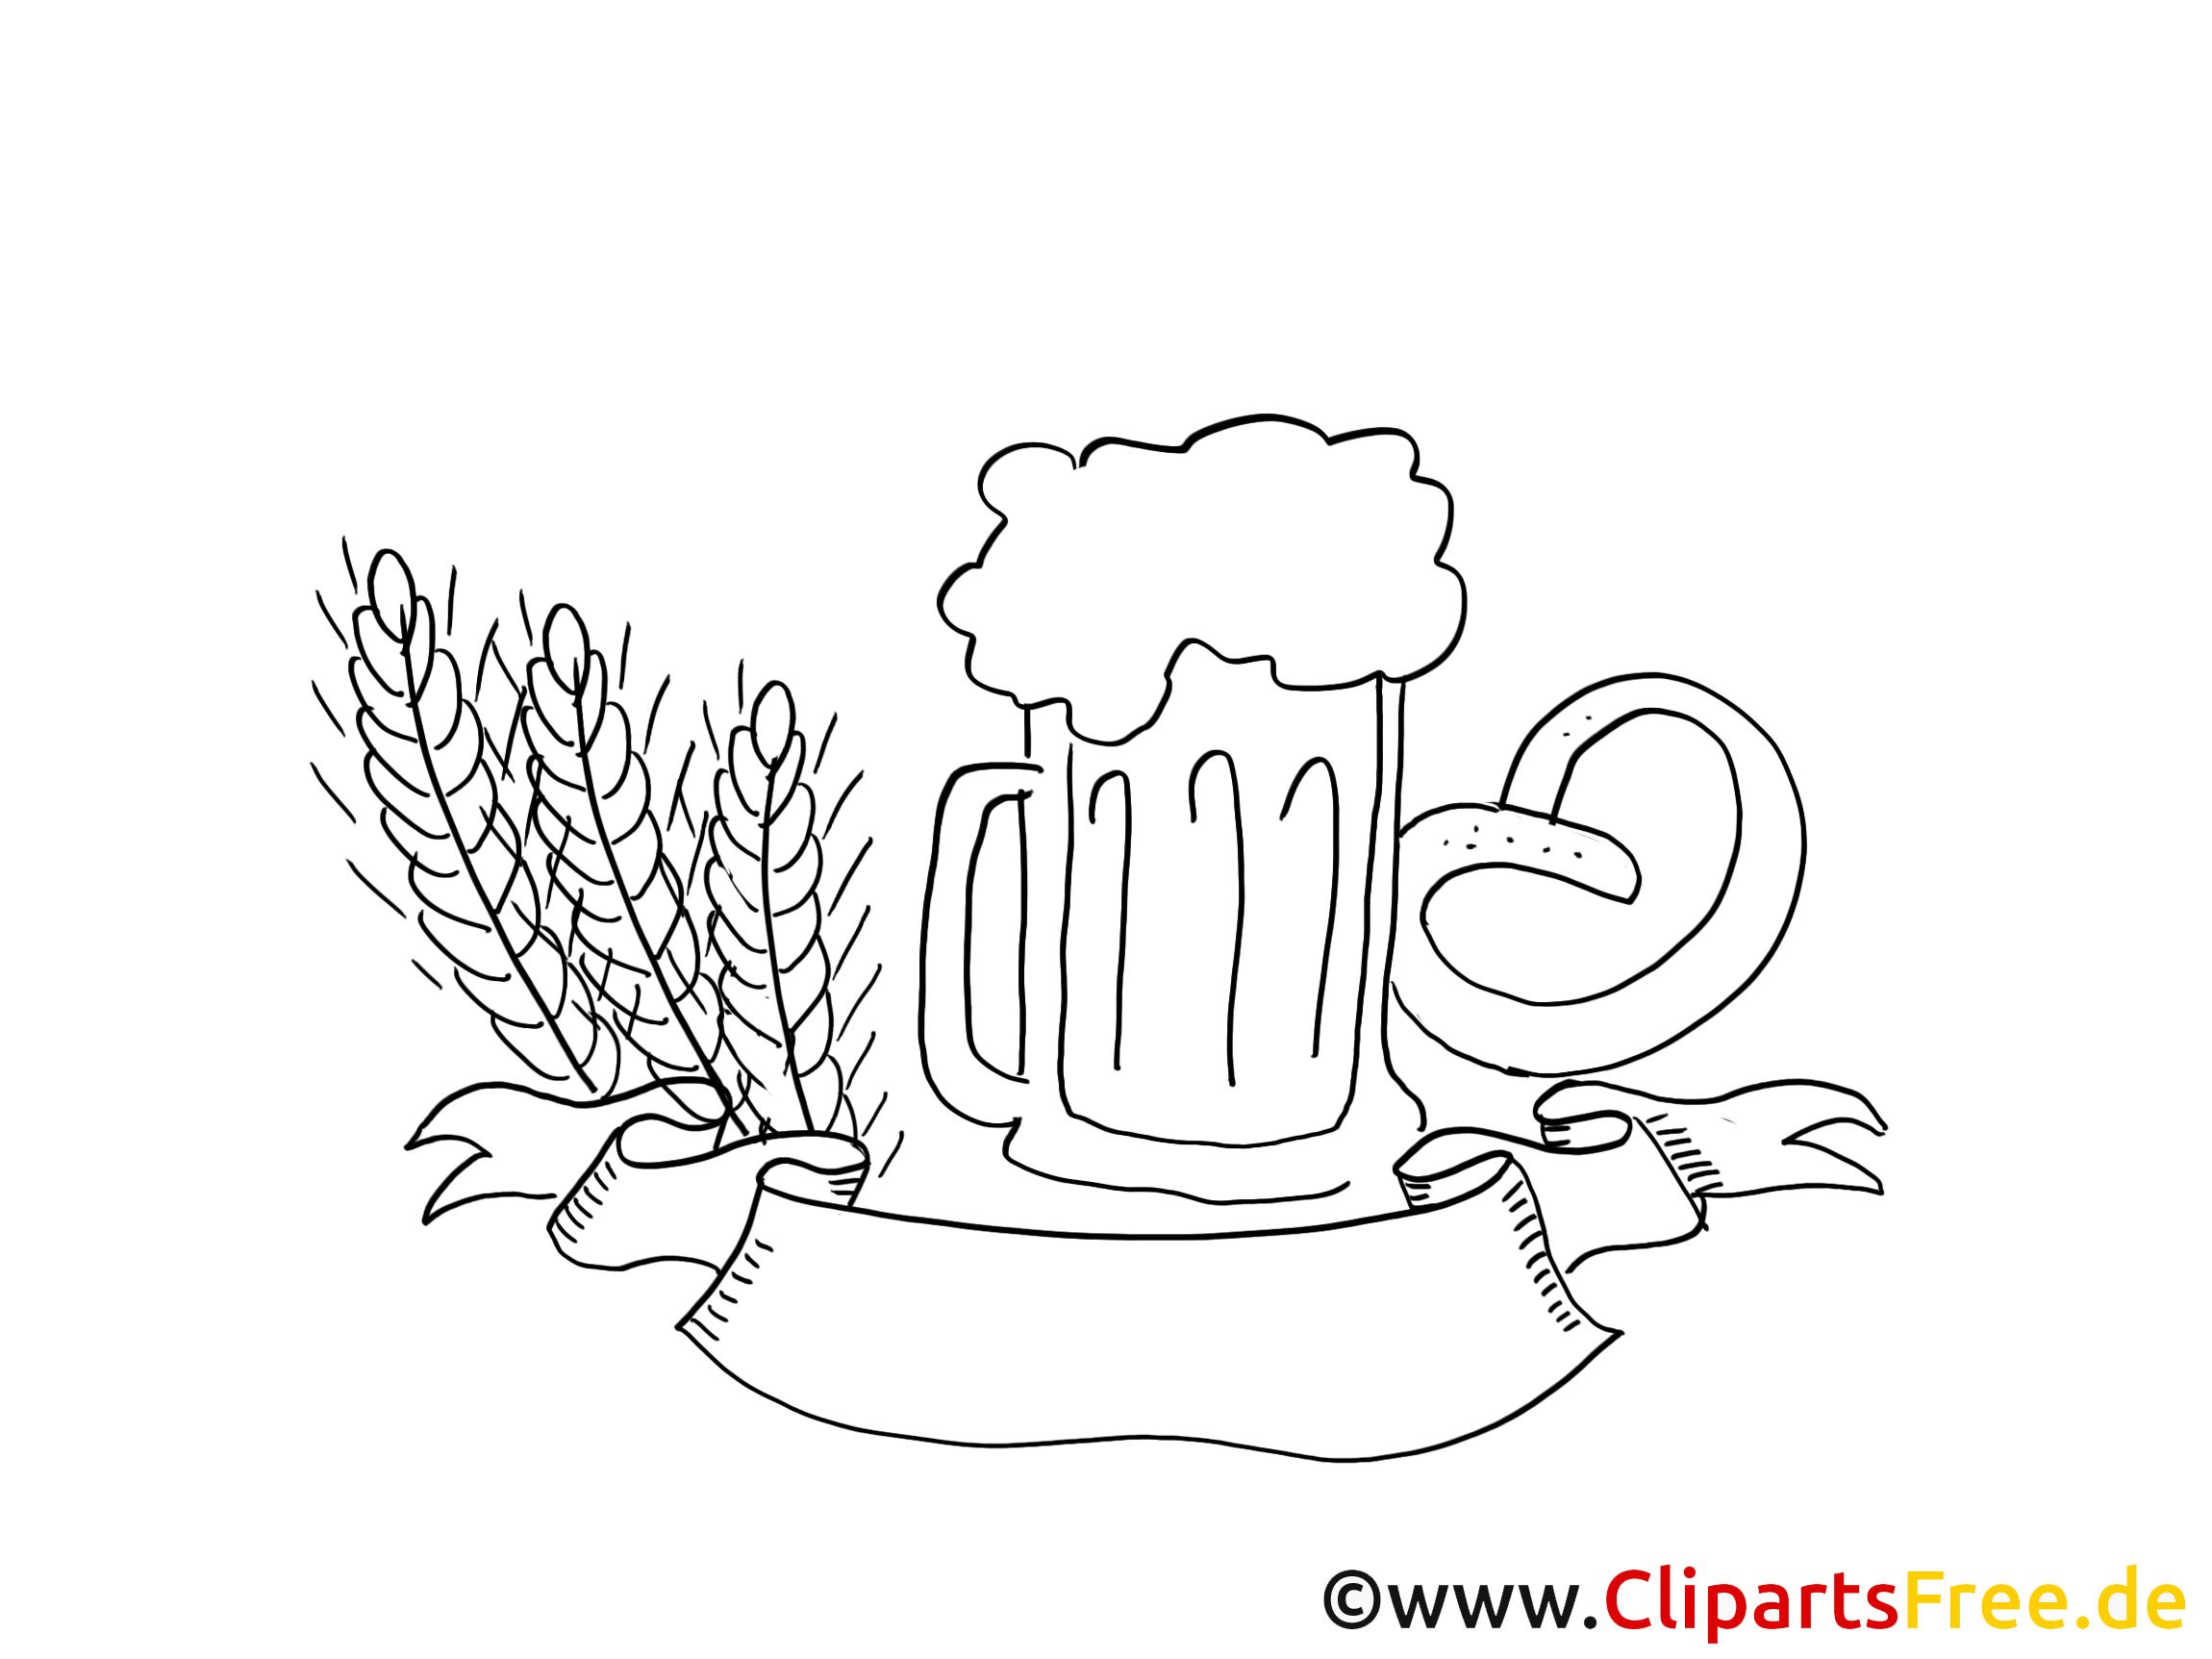 Bira bardağı görüntü, illüstrasyon, küçük resim, grafik siyah beyaz